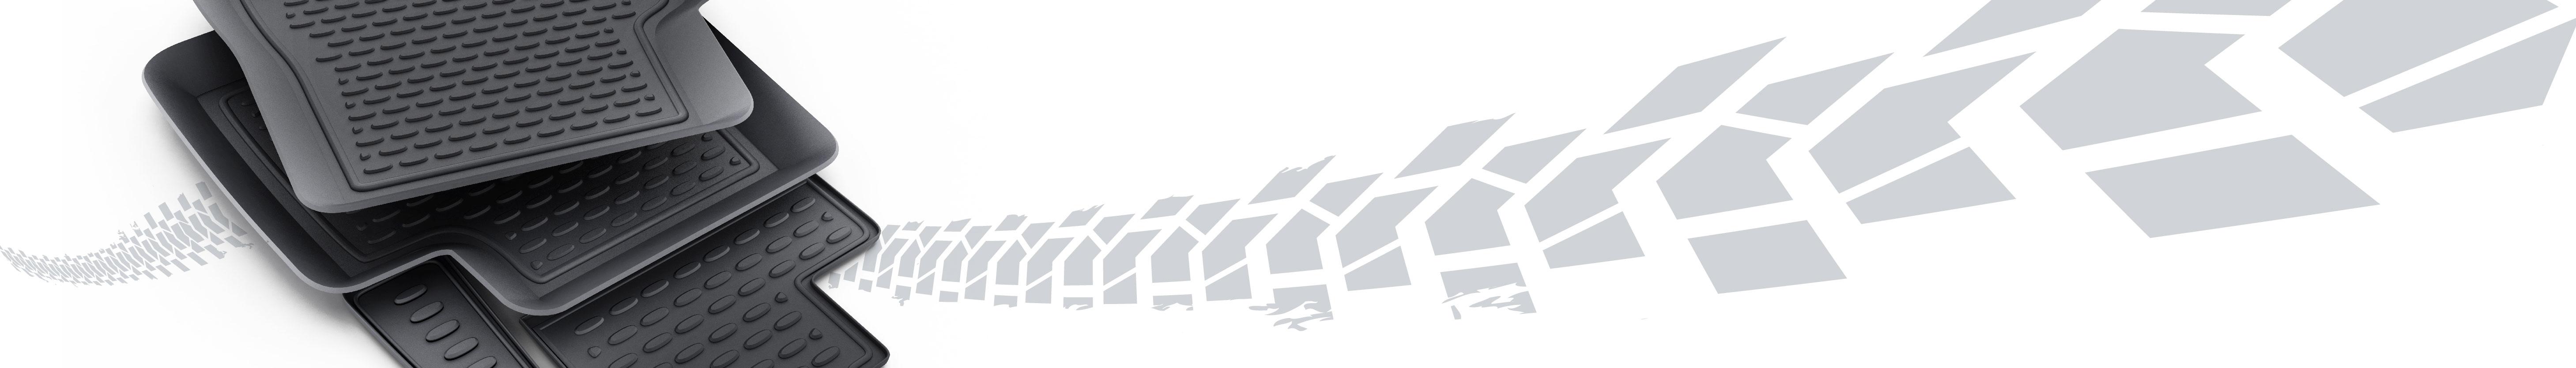 Configuratore tappetini gomma | Autoricambi Emmedue